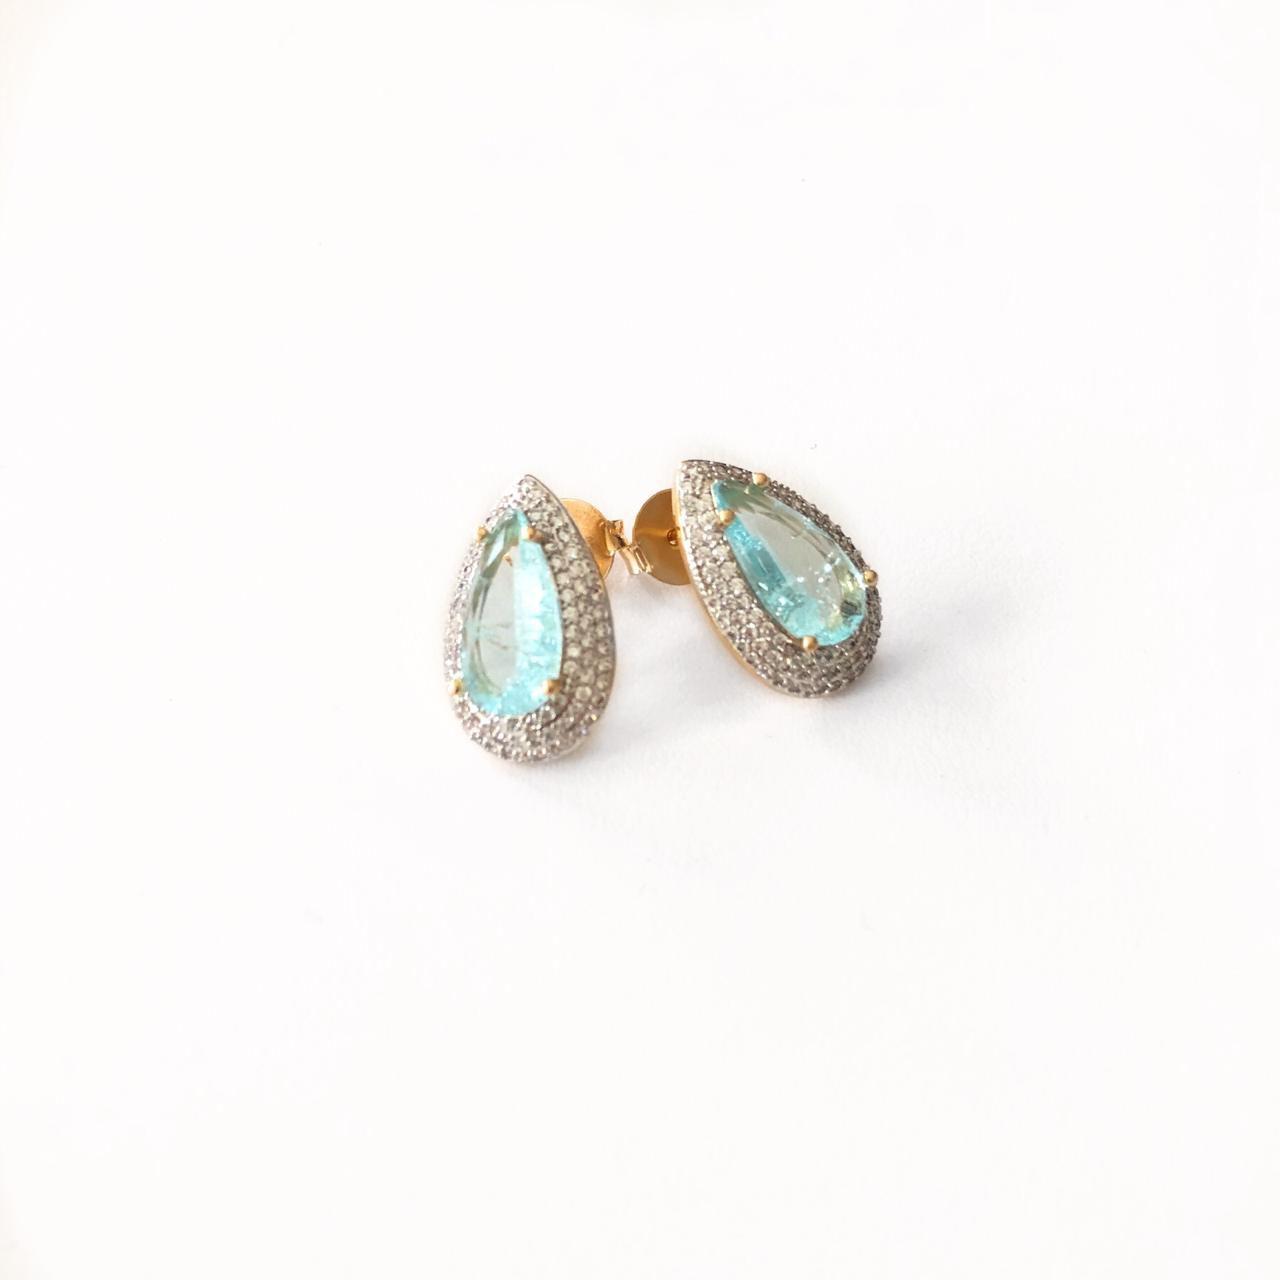 Brinco Gota Azul Tiffany Borda Cravejada com Zircônias Branca Banho em Ouro 18k